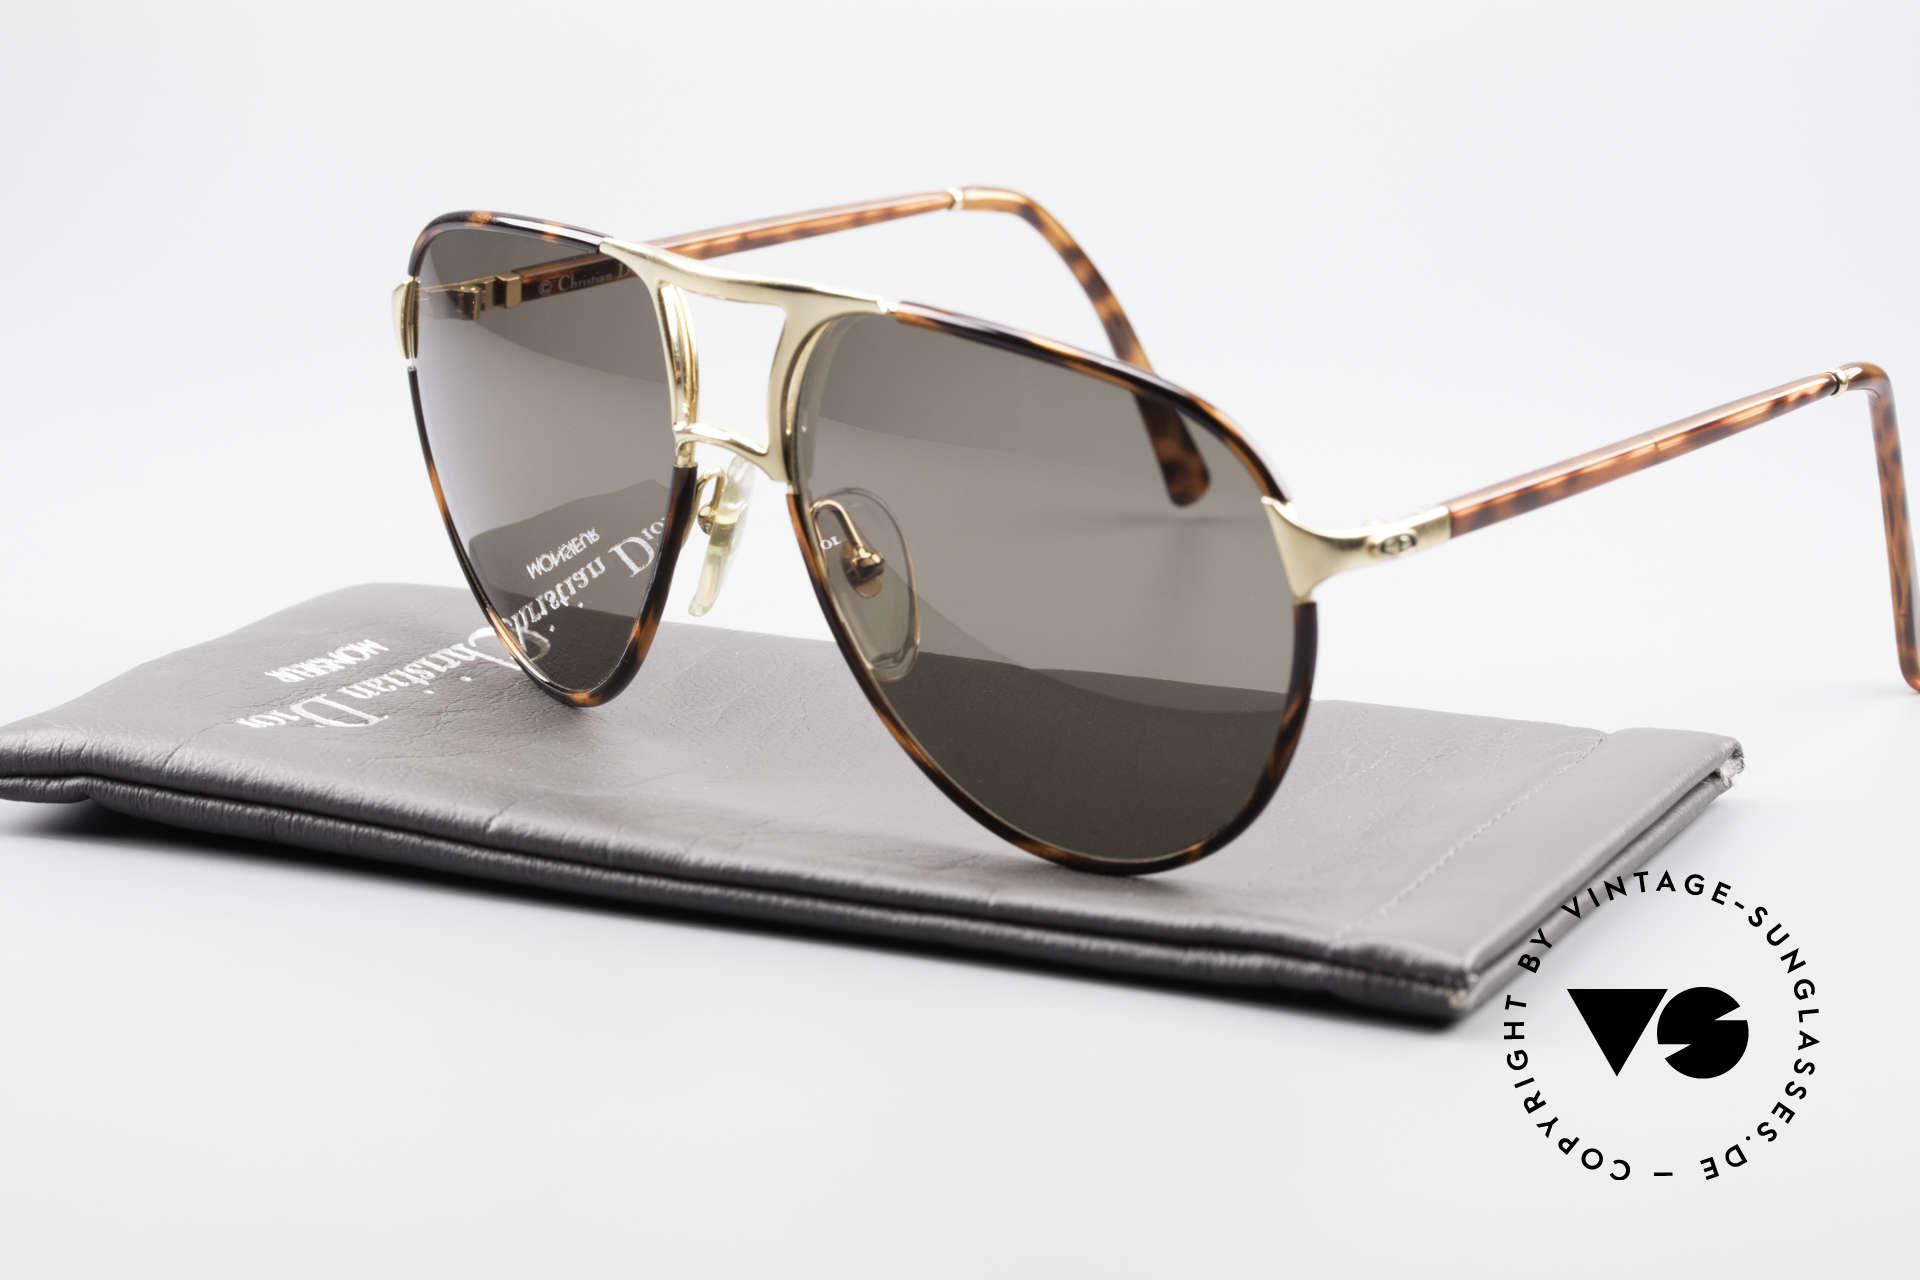 Christian Dior 2505 Aviator Designer Sunglasses, Size: medium, Made for Men